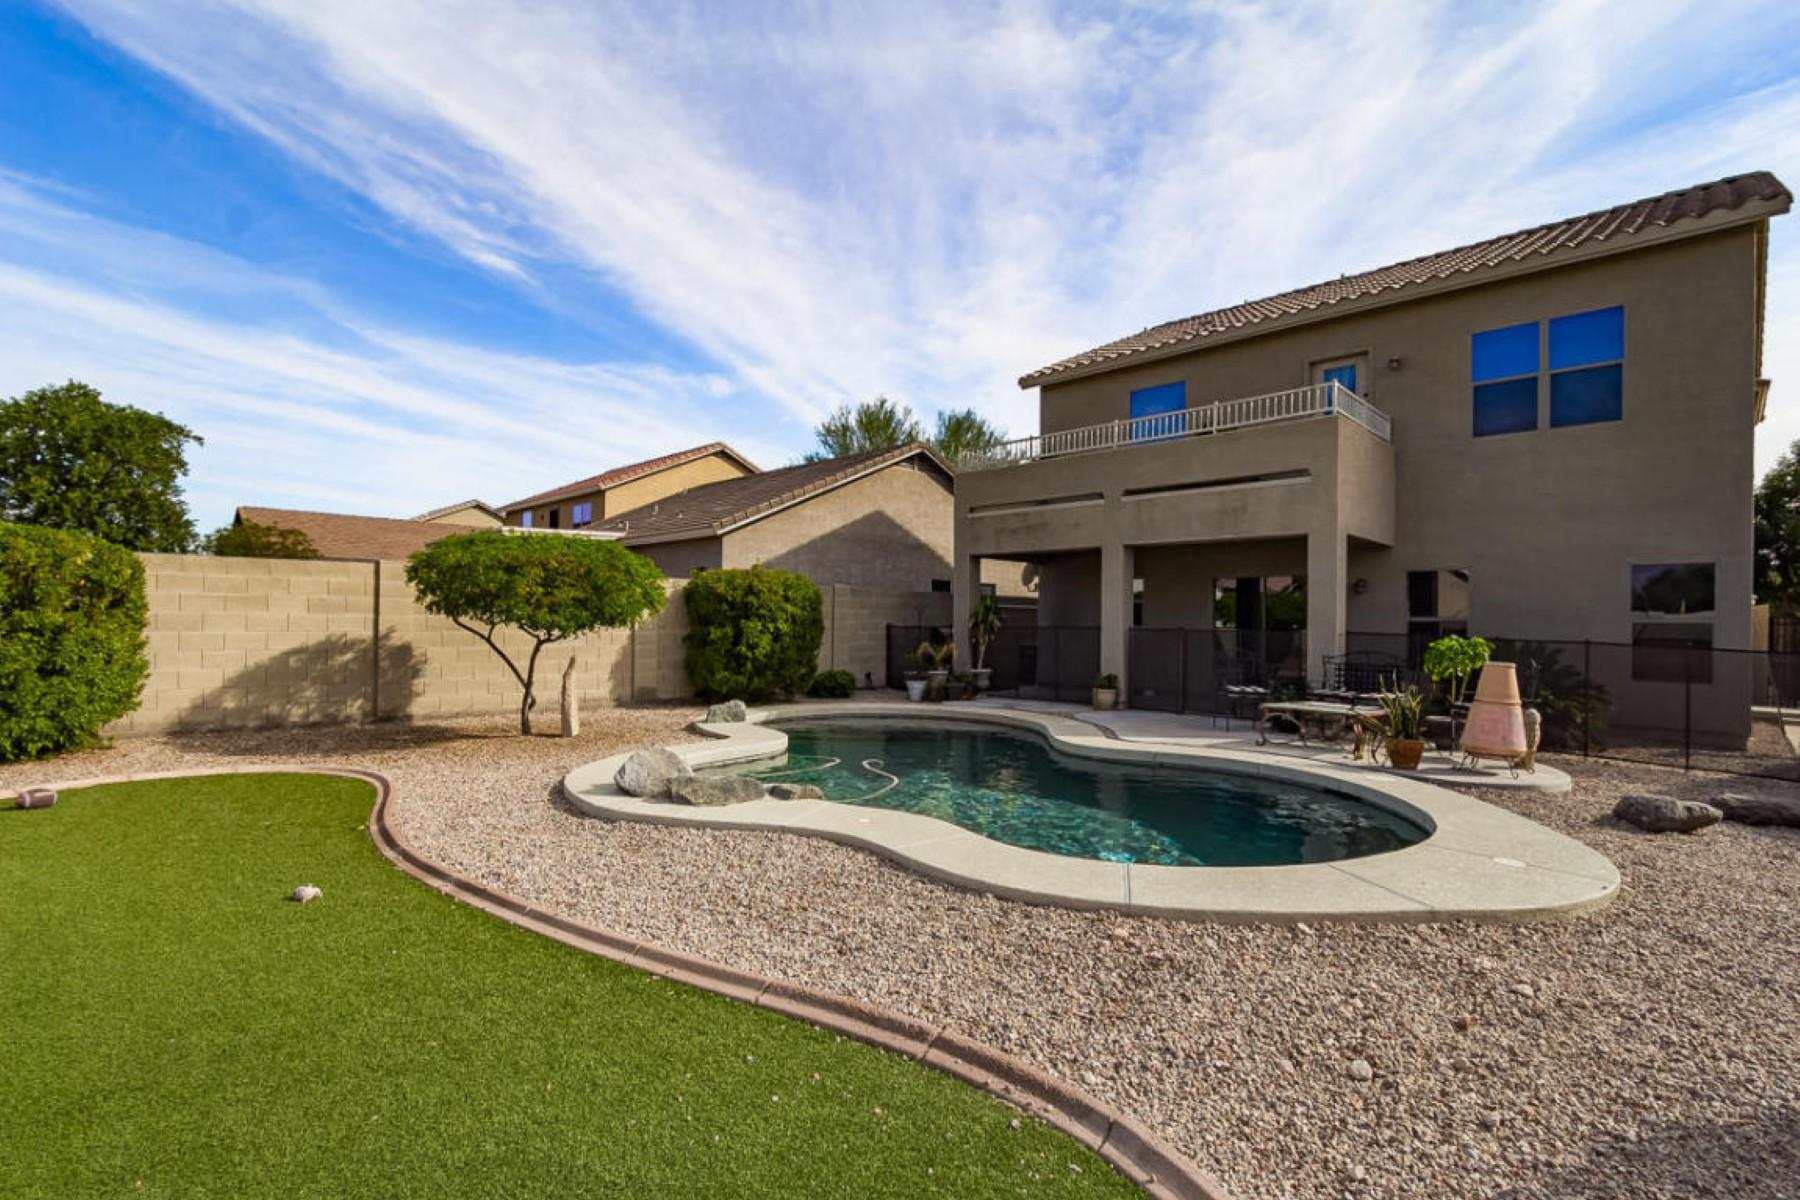 Villa per Vendita alle ore Beautiful two story home nestled b Superstition Mountain 18150 E El Viejo Desierto Gold Canyon, Arizona 85118 Stati Uniti